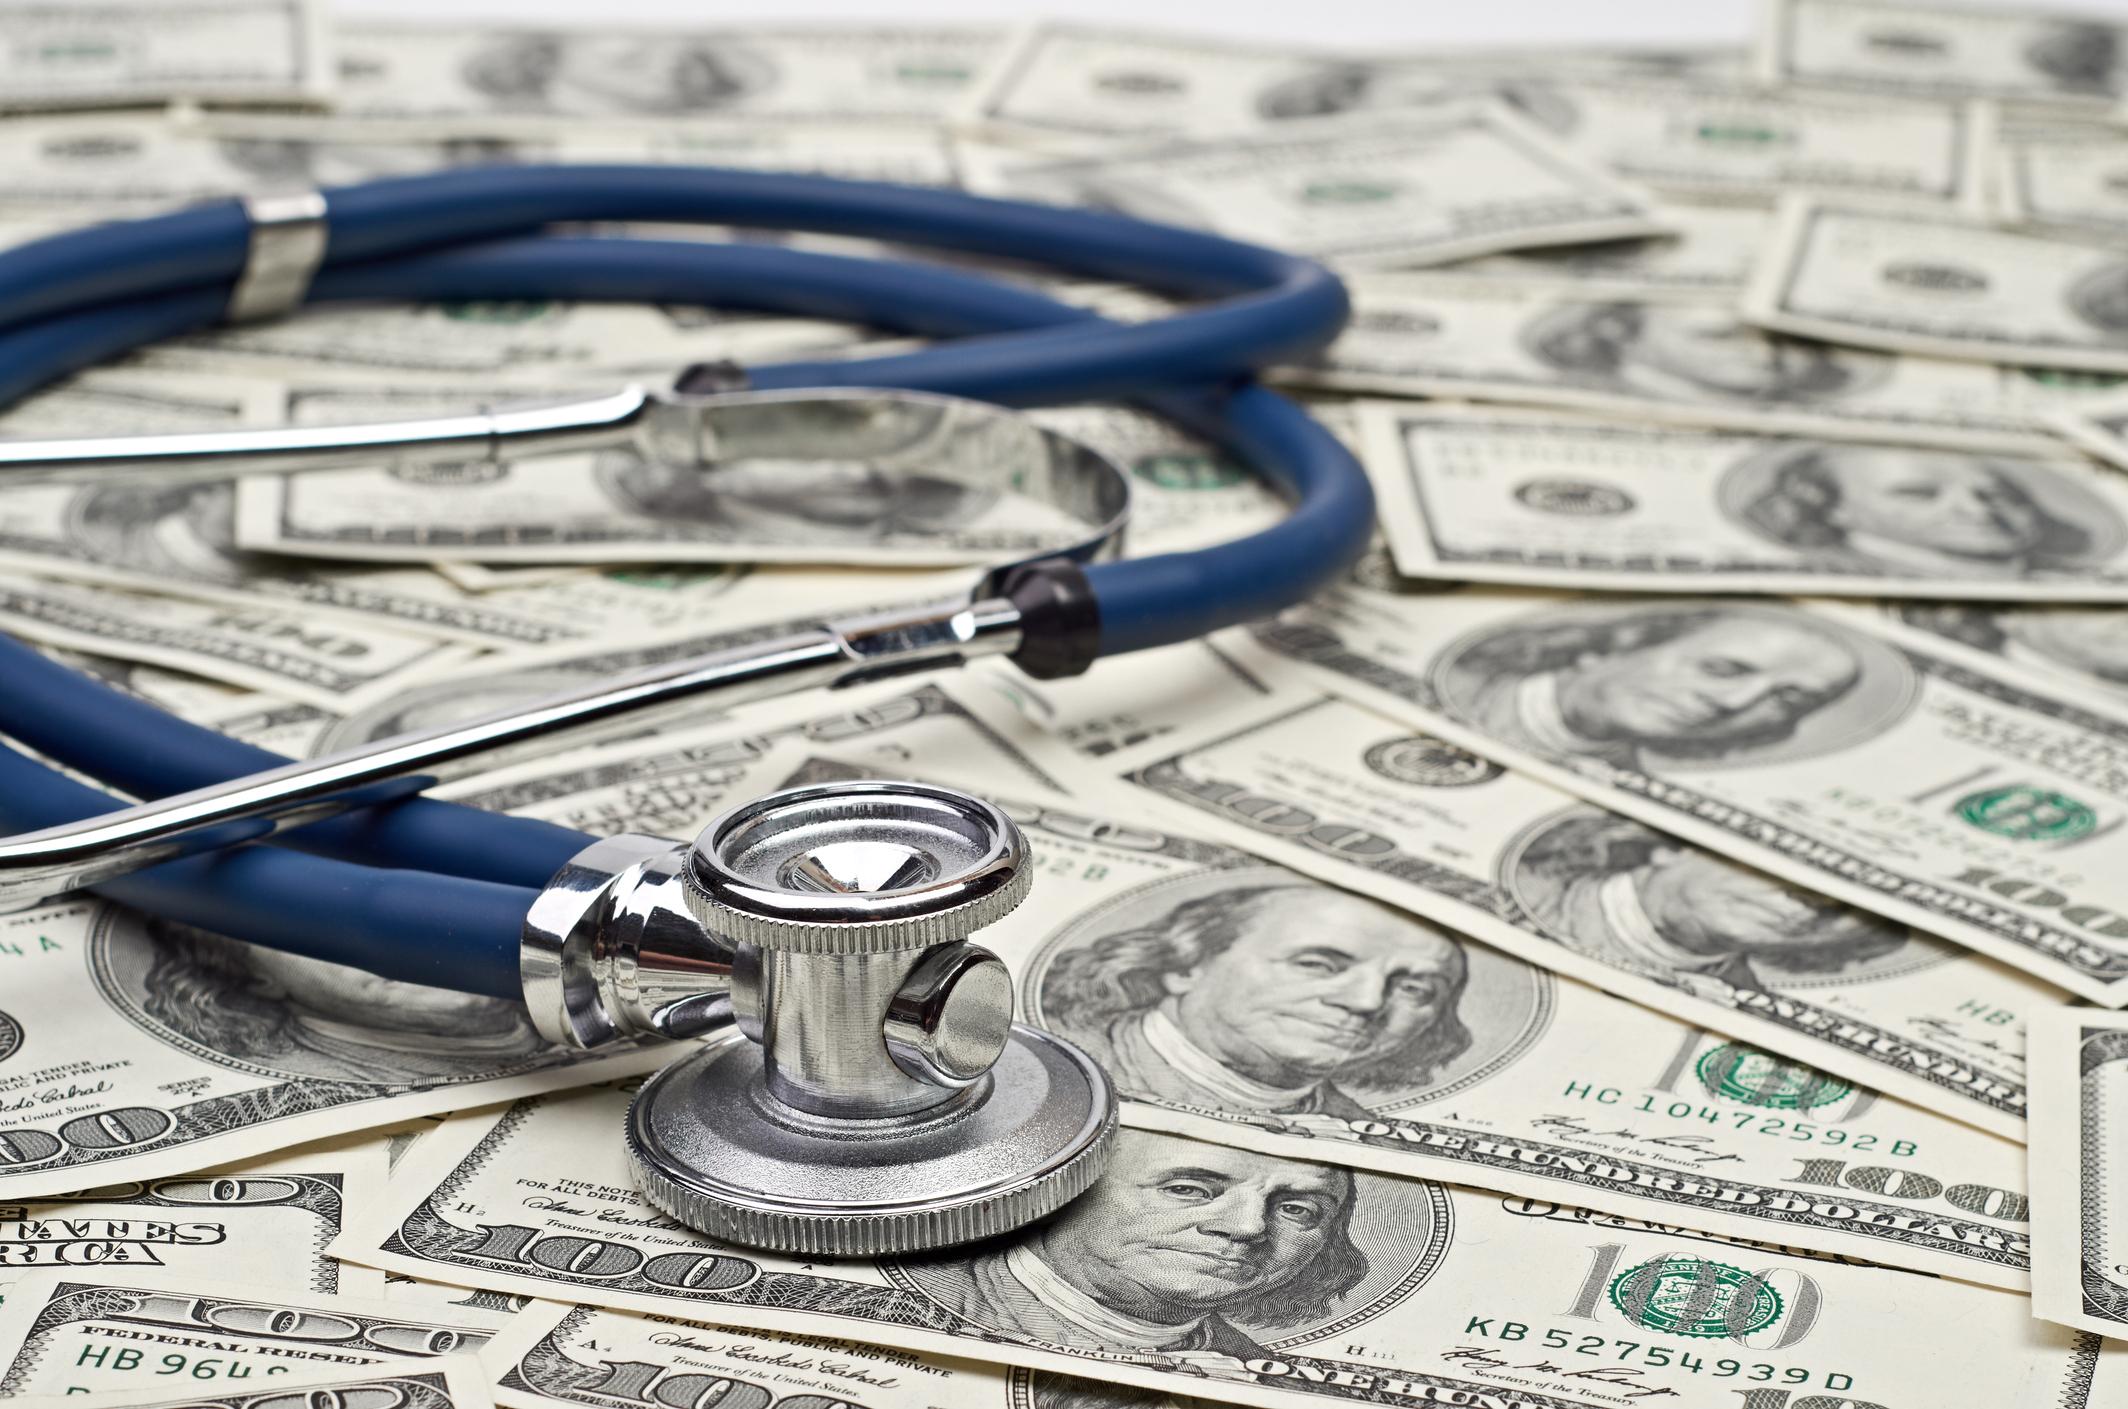 stethoscope resting on hundred dollar bills